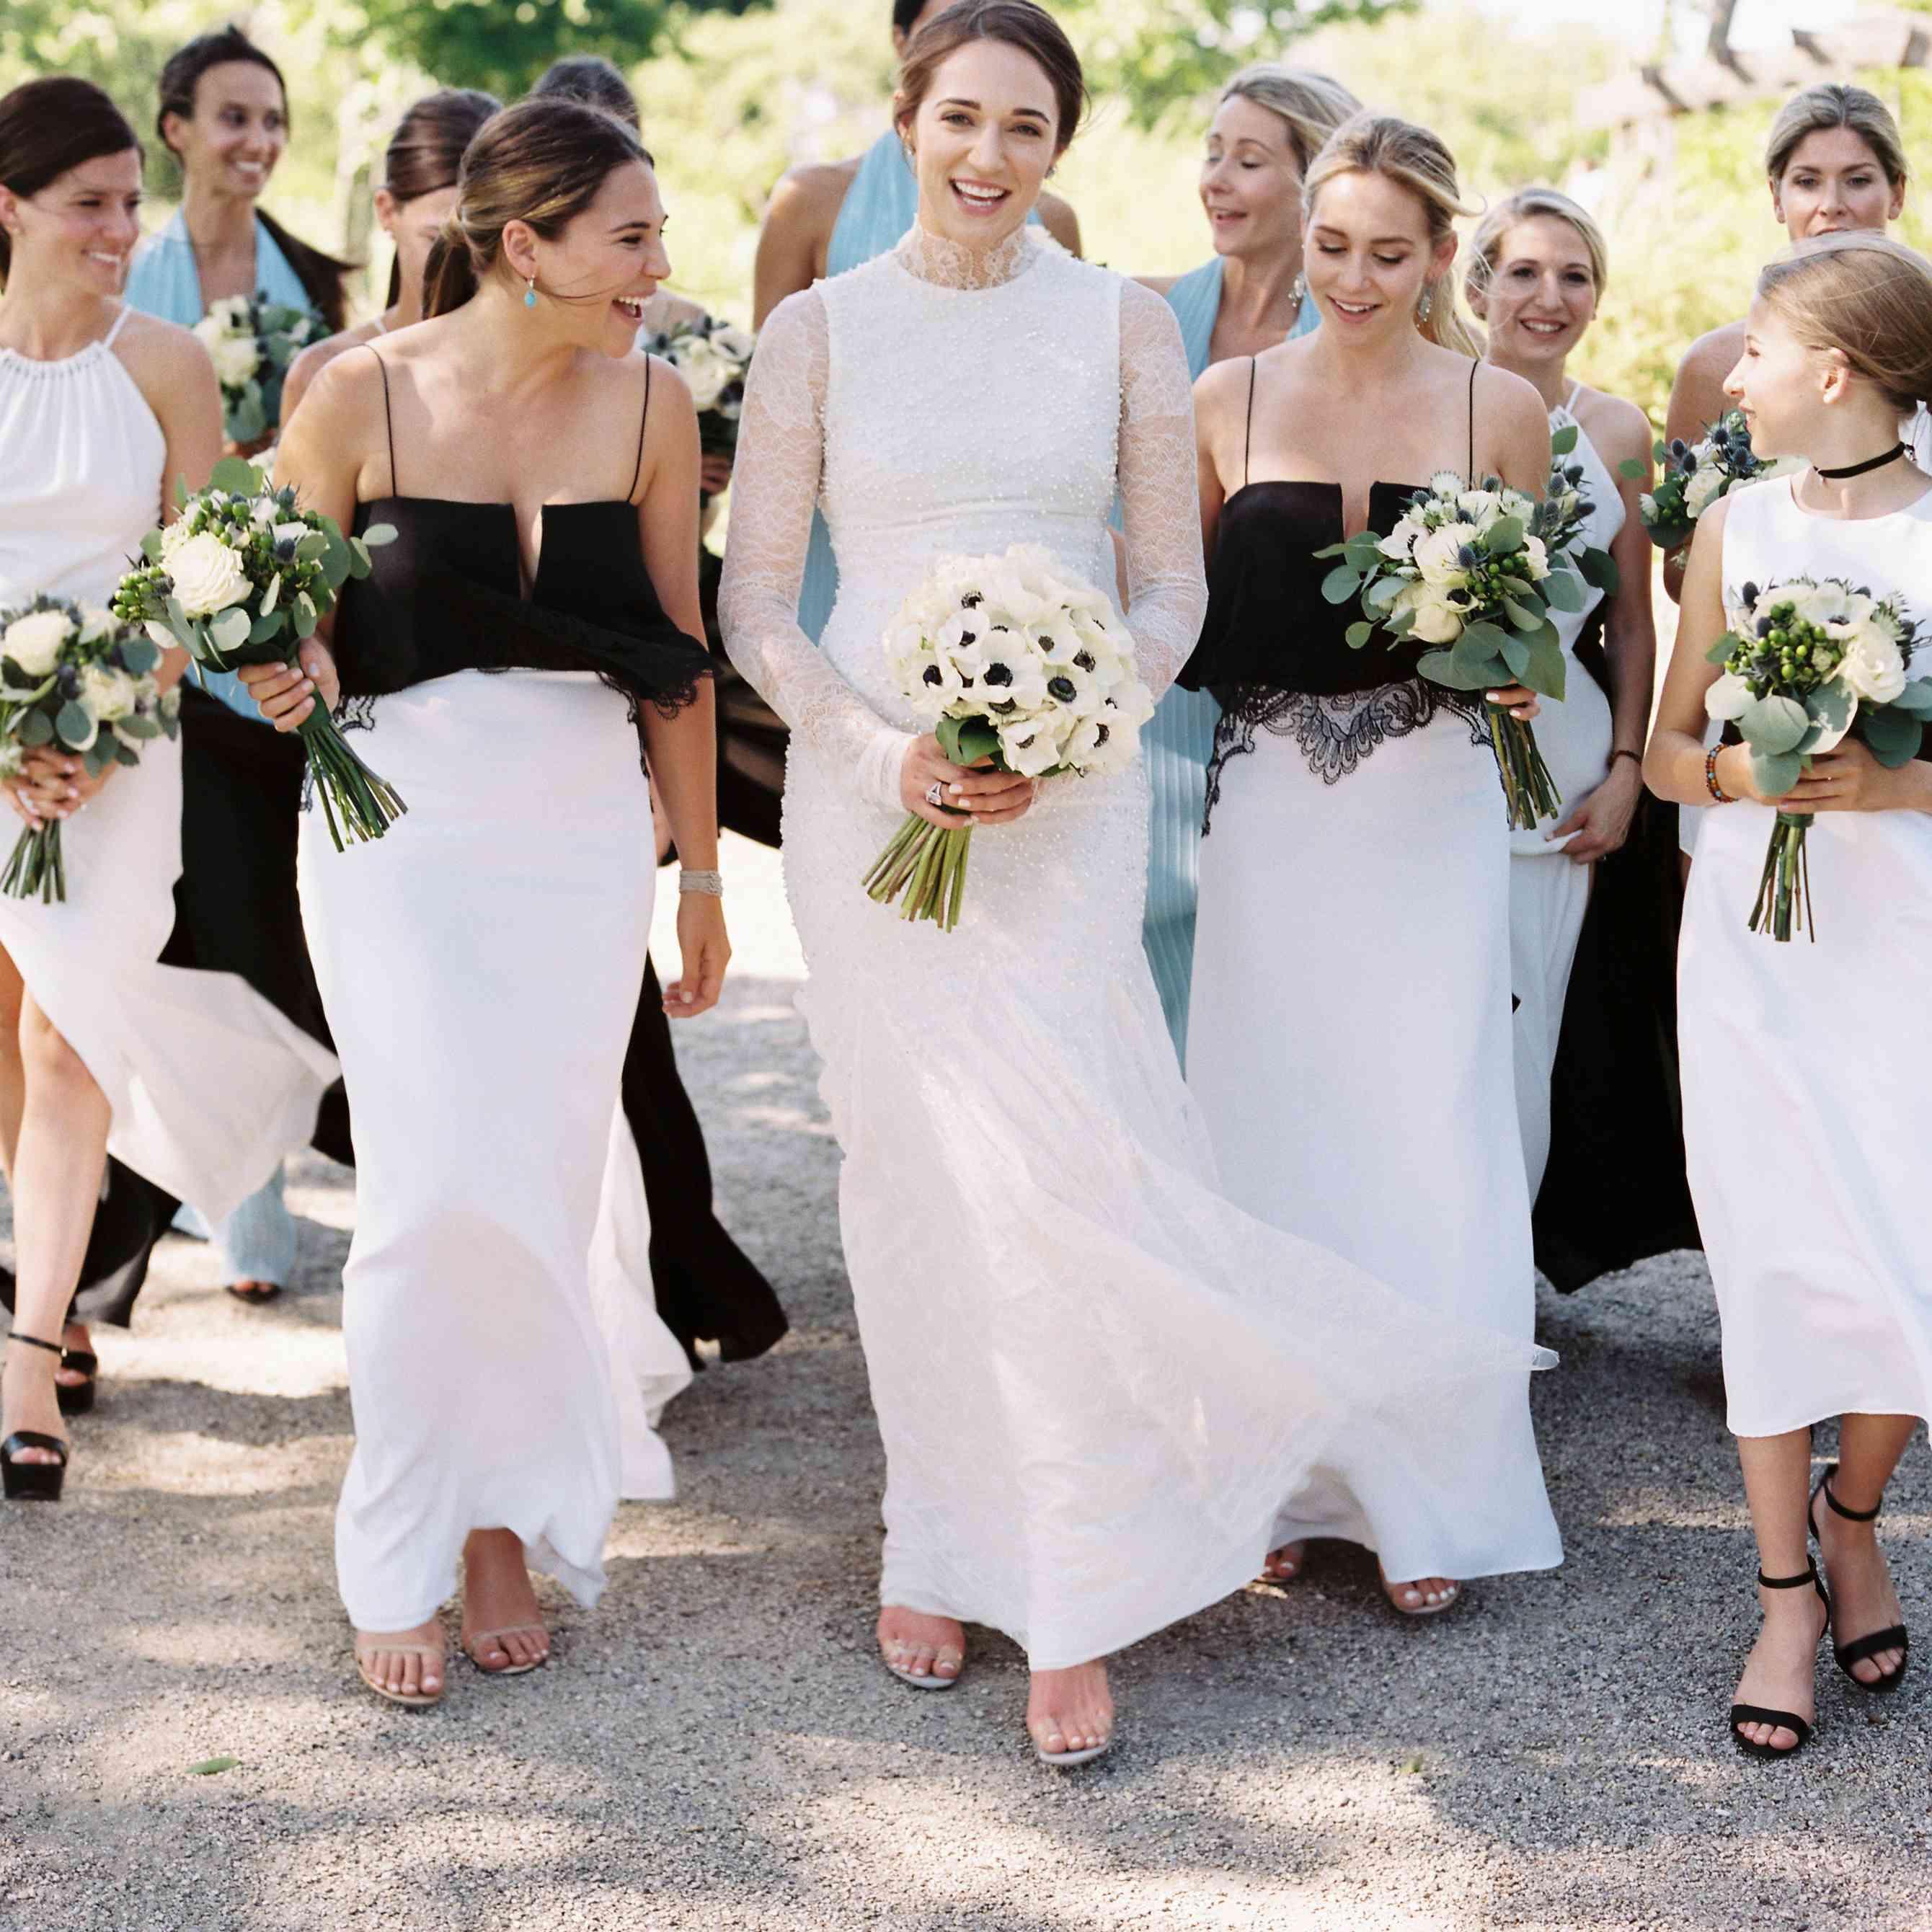 <p>Bride with bridal party</p><br><br>